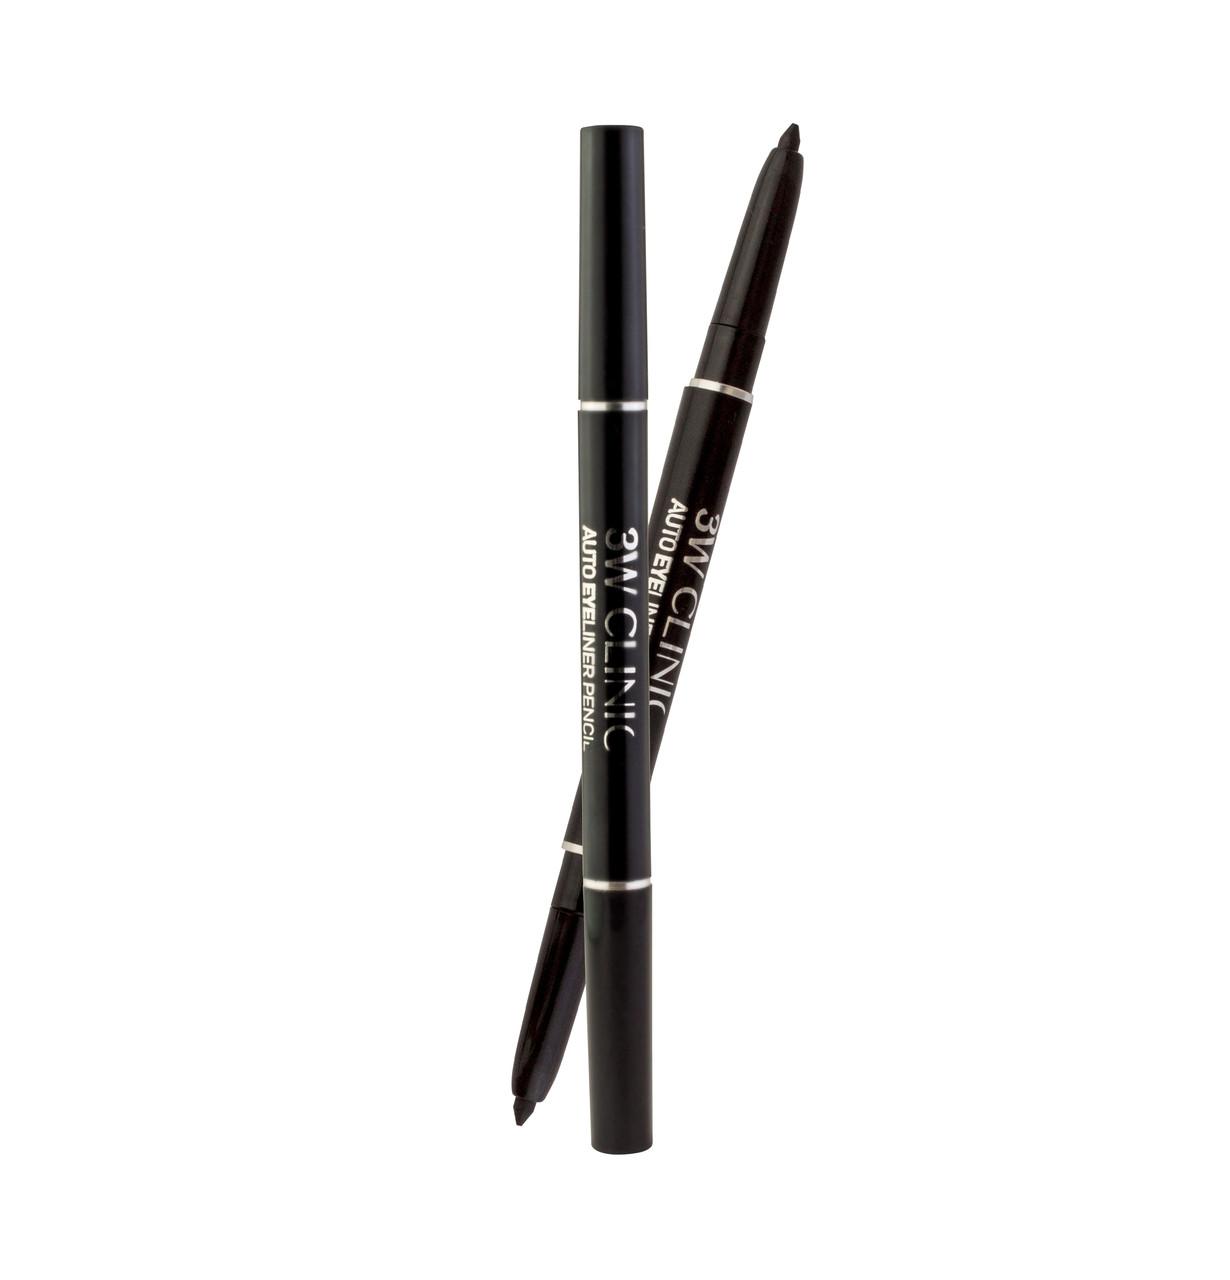 3W CLINIC Auto Eye liner pencil Автоматическая подводка для глаз СЕРО-КОРИЧНЕВЫЙ